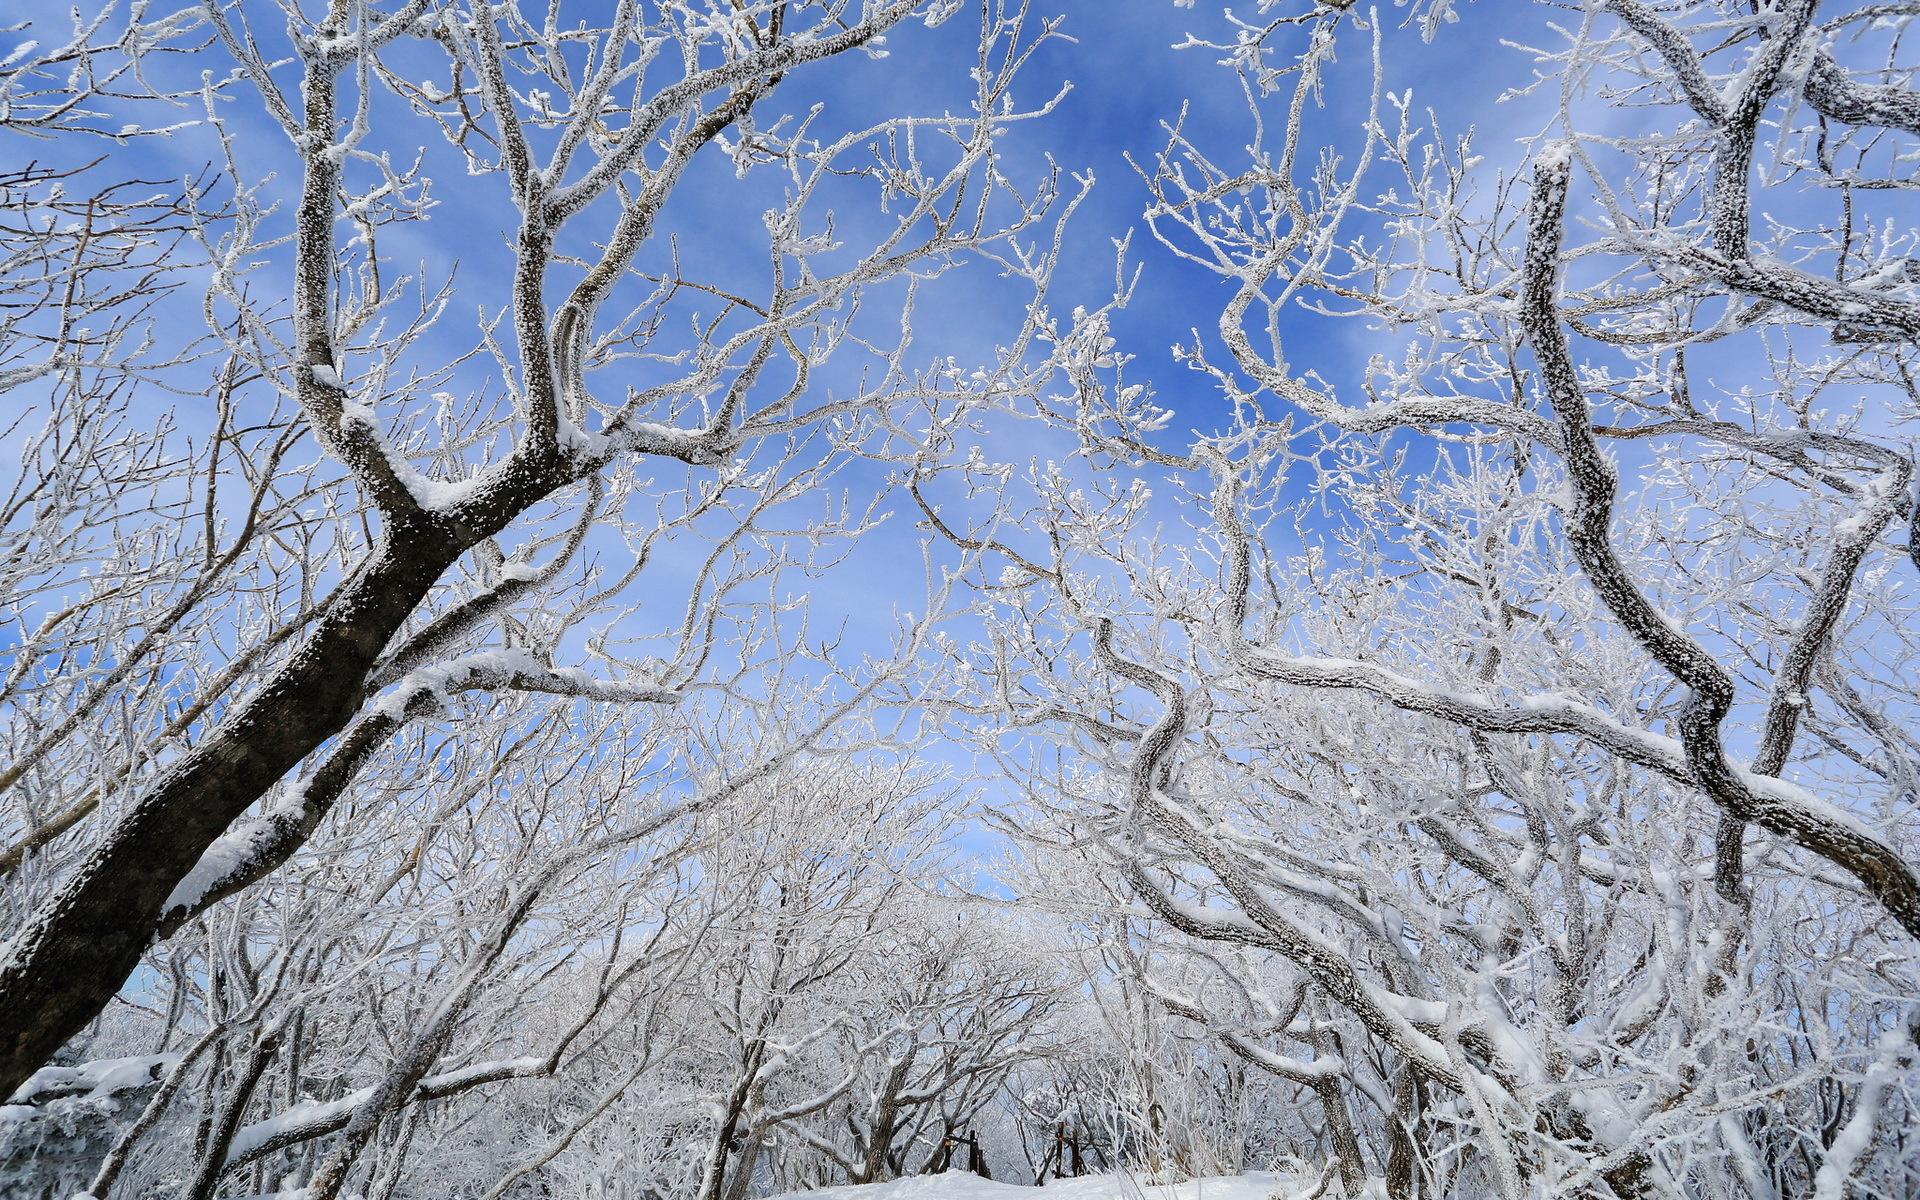 دانلود عکس زمستان برفی برای پروفایل با کیفیت HD